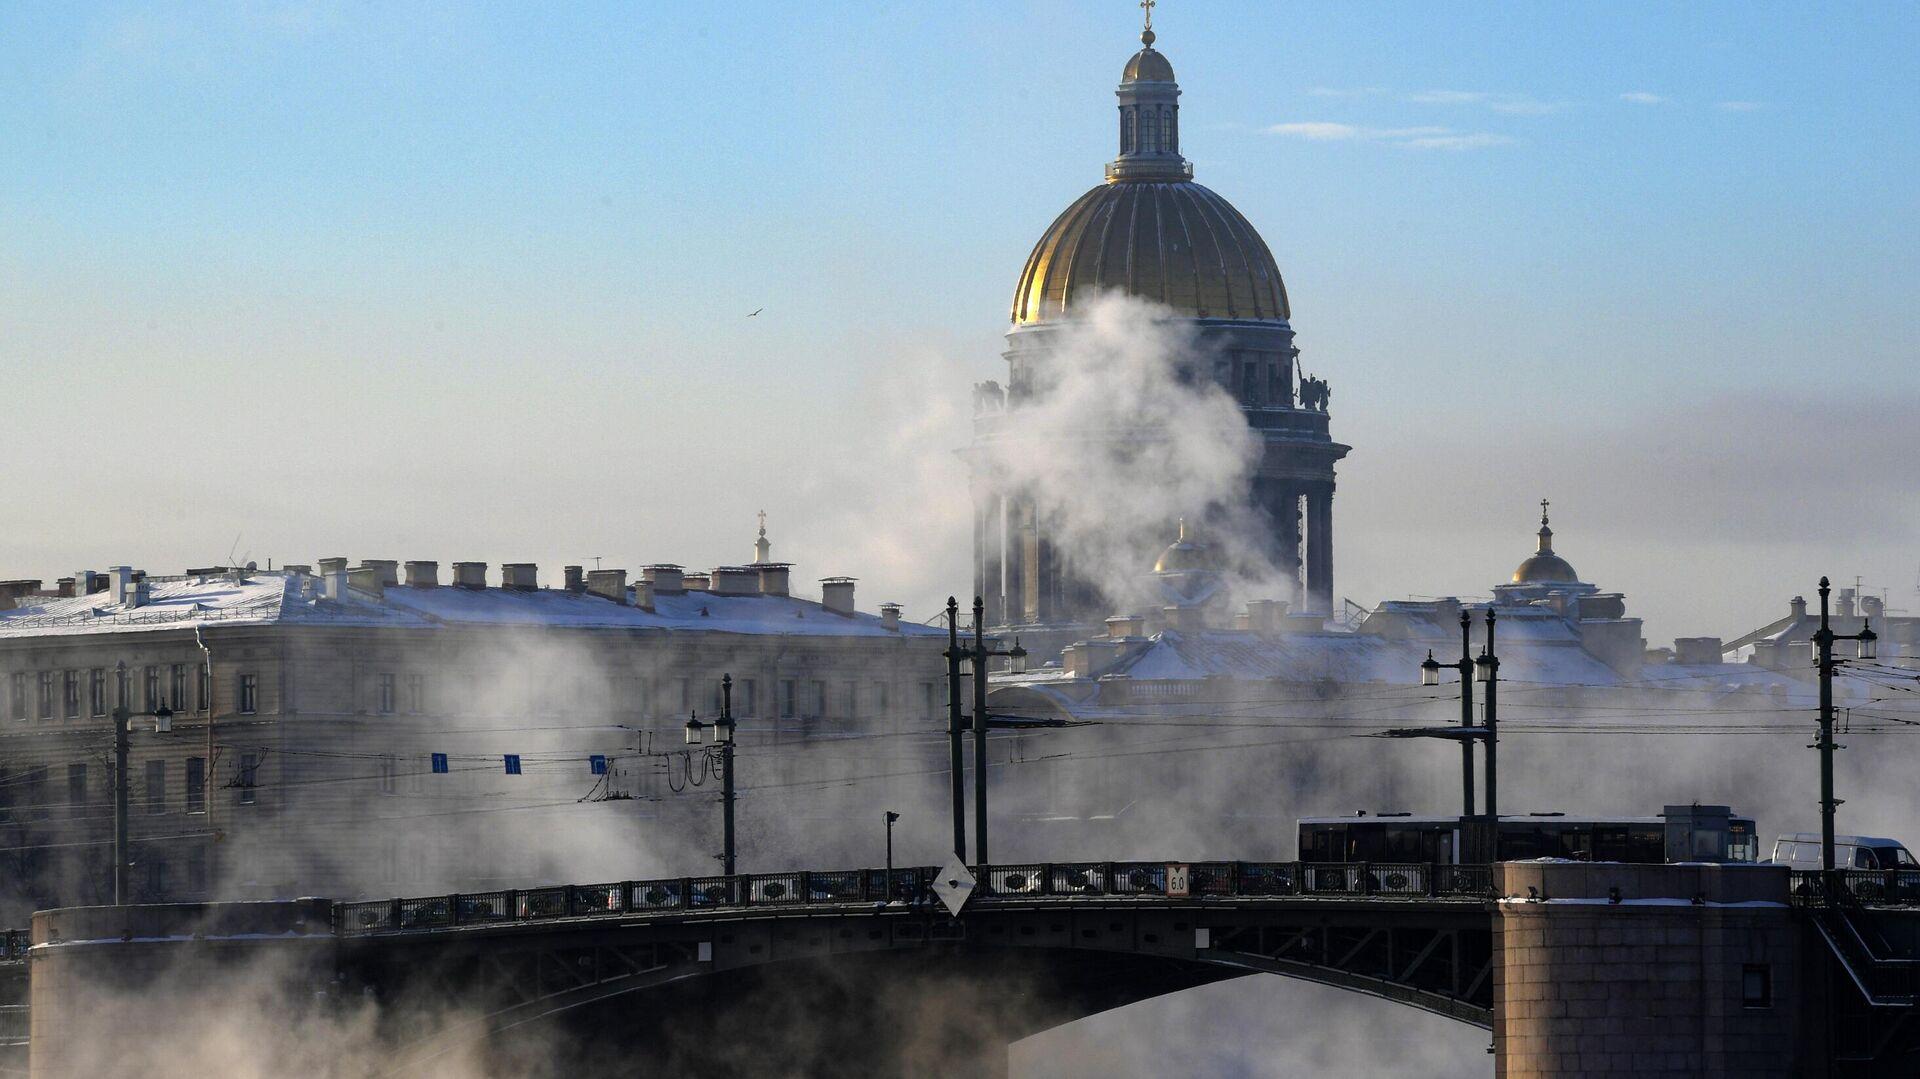 Вид на дворцовый мост и Исаакиевский собор в Санкт-Петербурге - РИА Новости, 1920, 30.03.2021